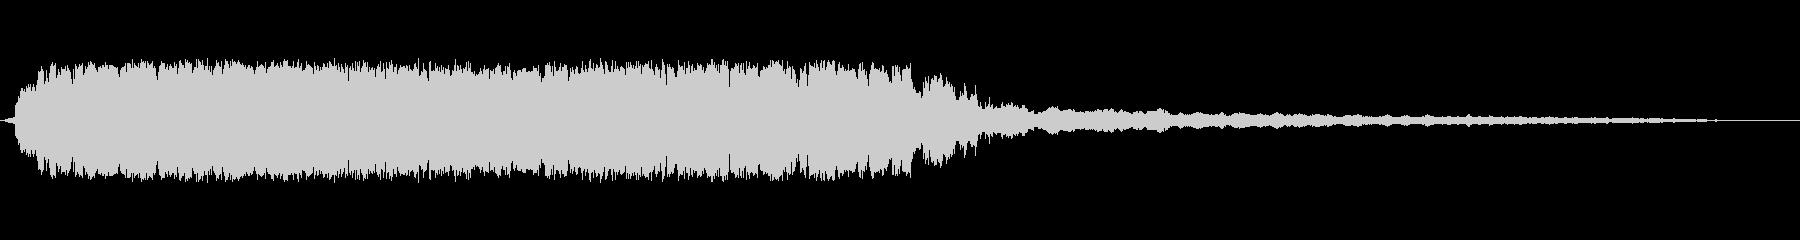 ラスト・オーダーの未再生の波形